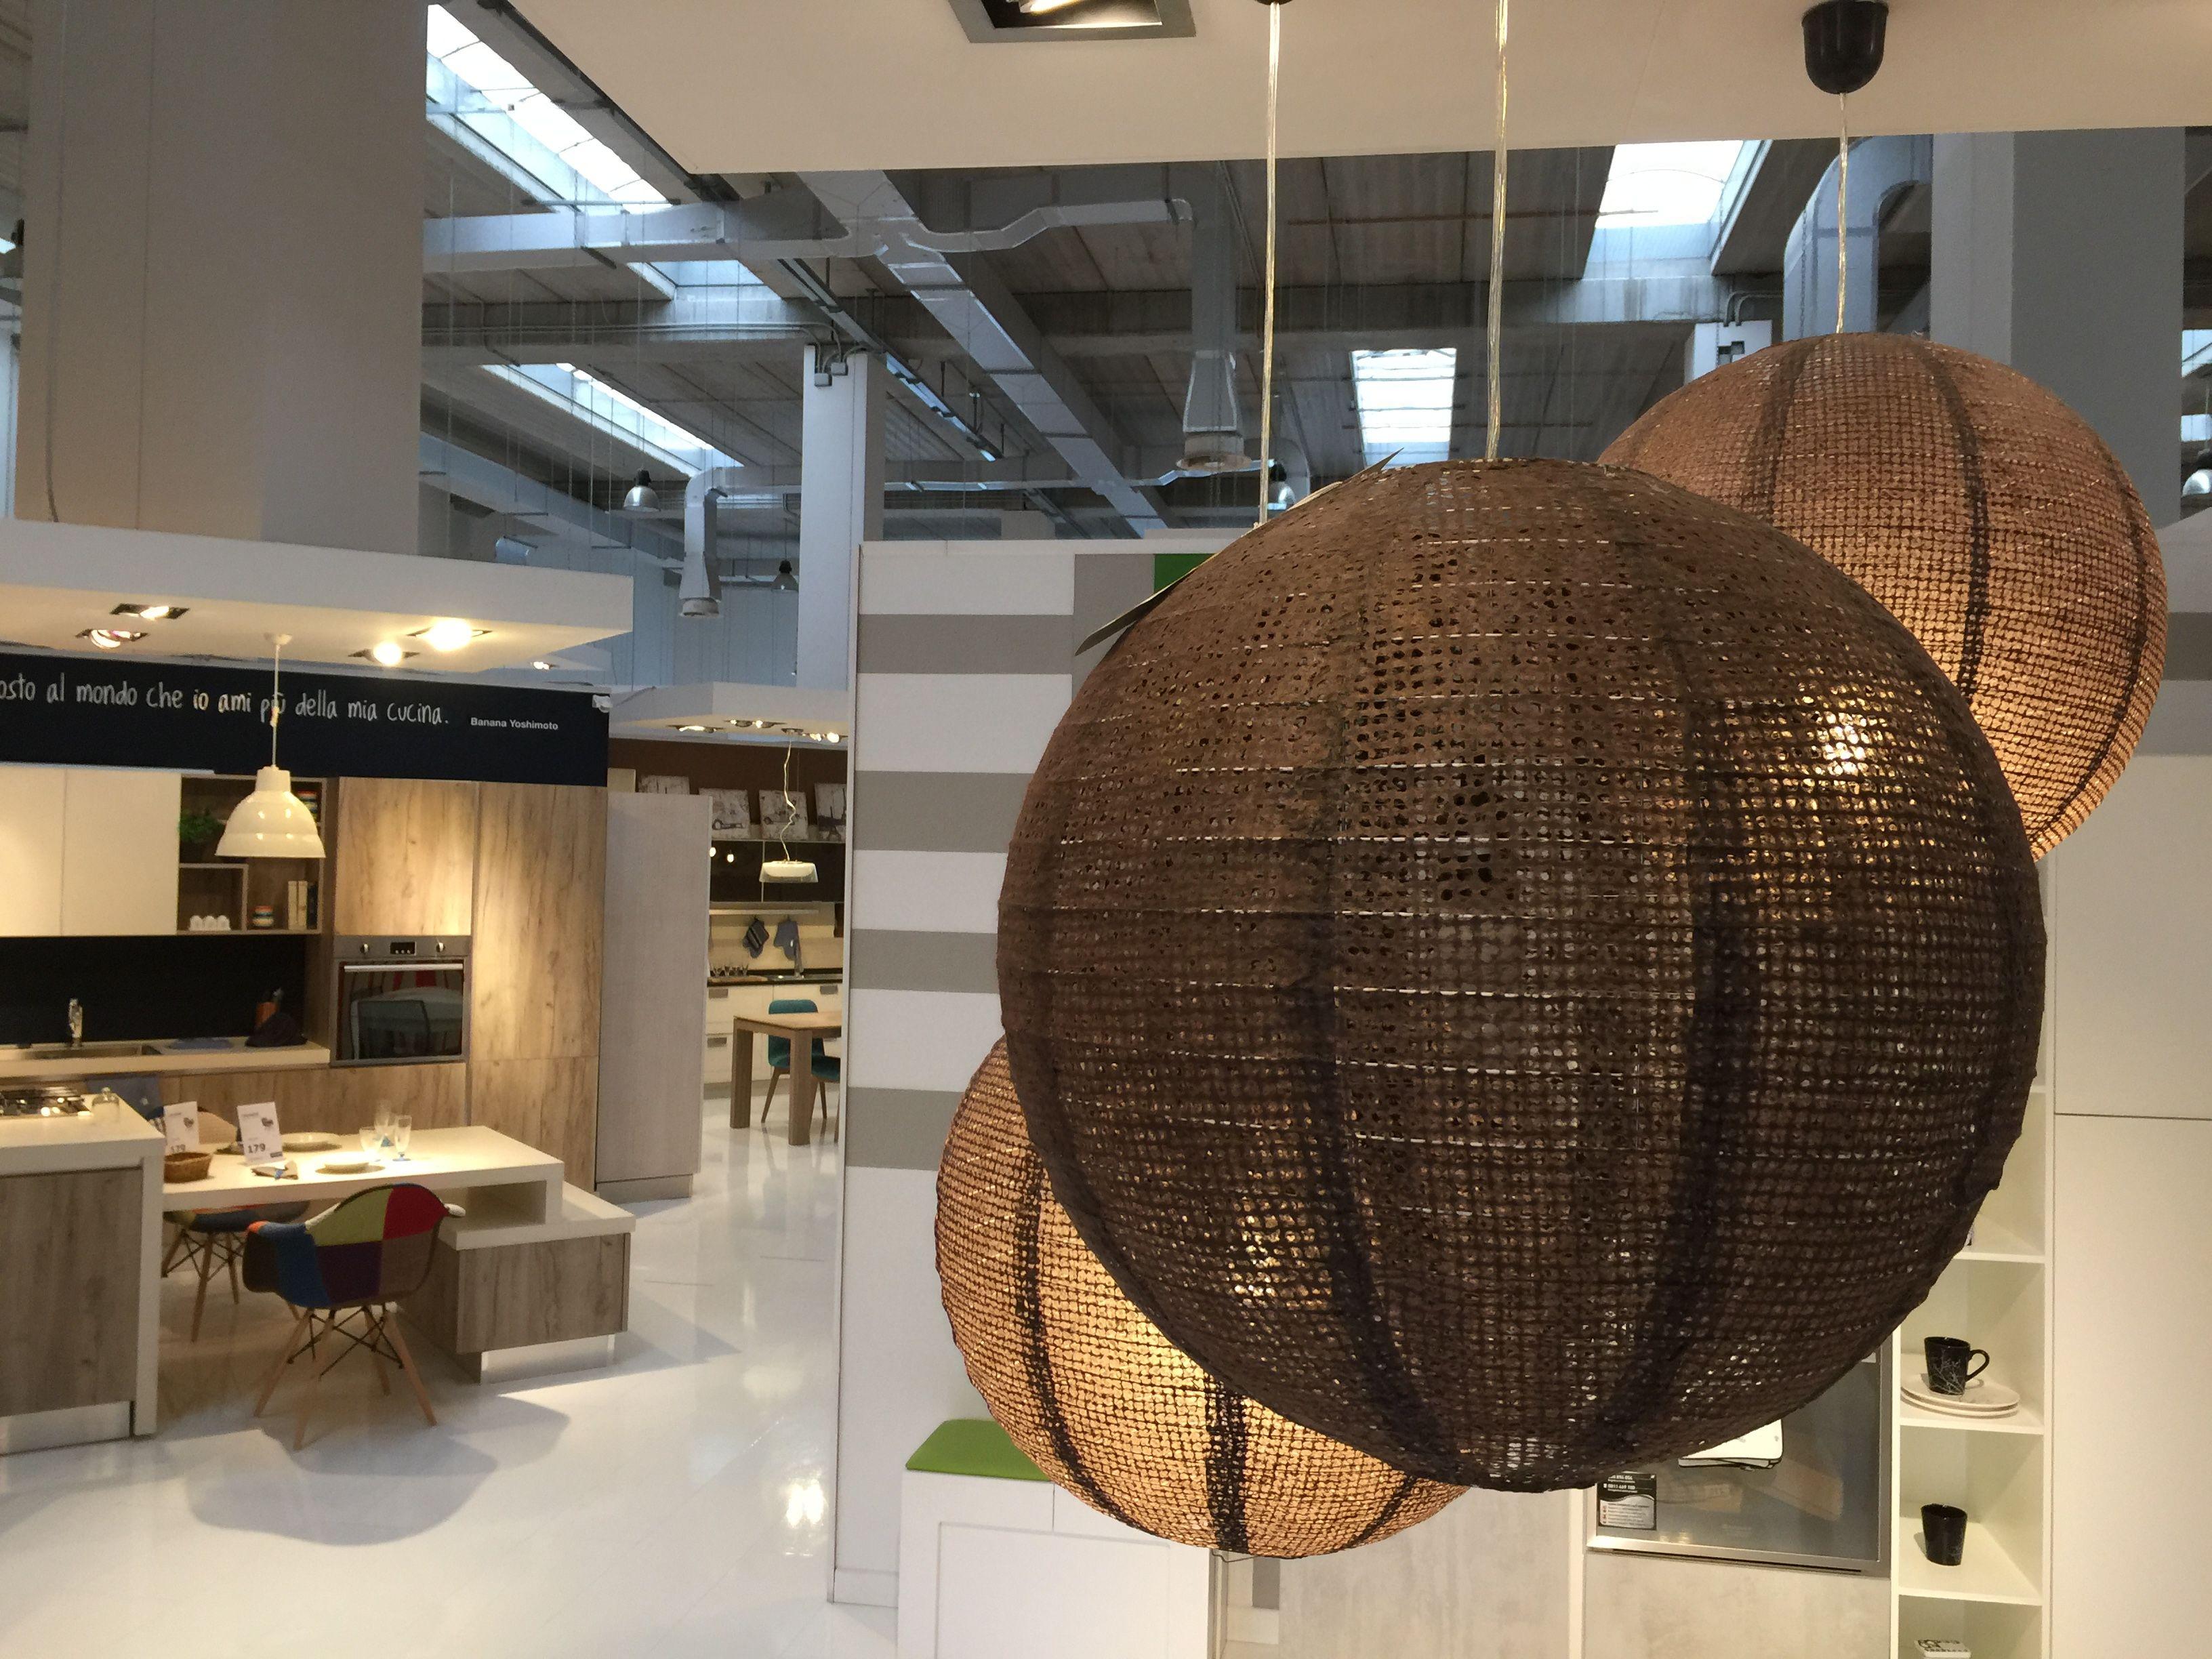 Chiarelli Center Arredamenti - Bari (Modugno) divani, cucine, camere ...